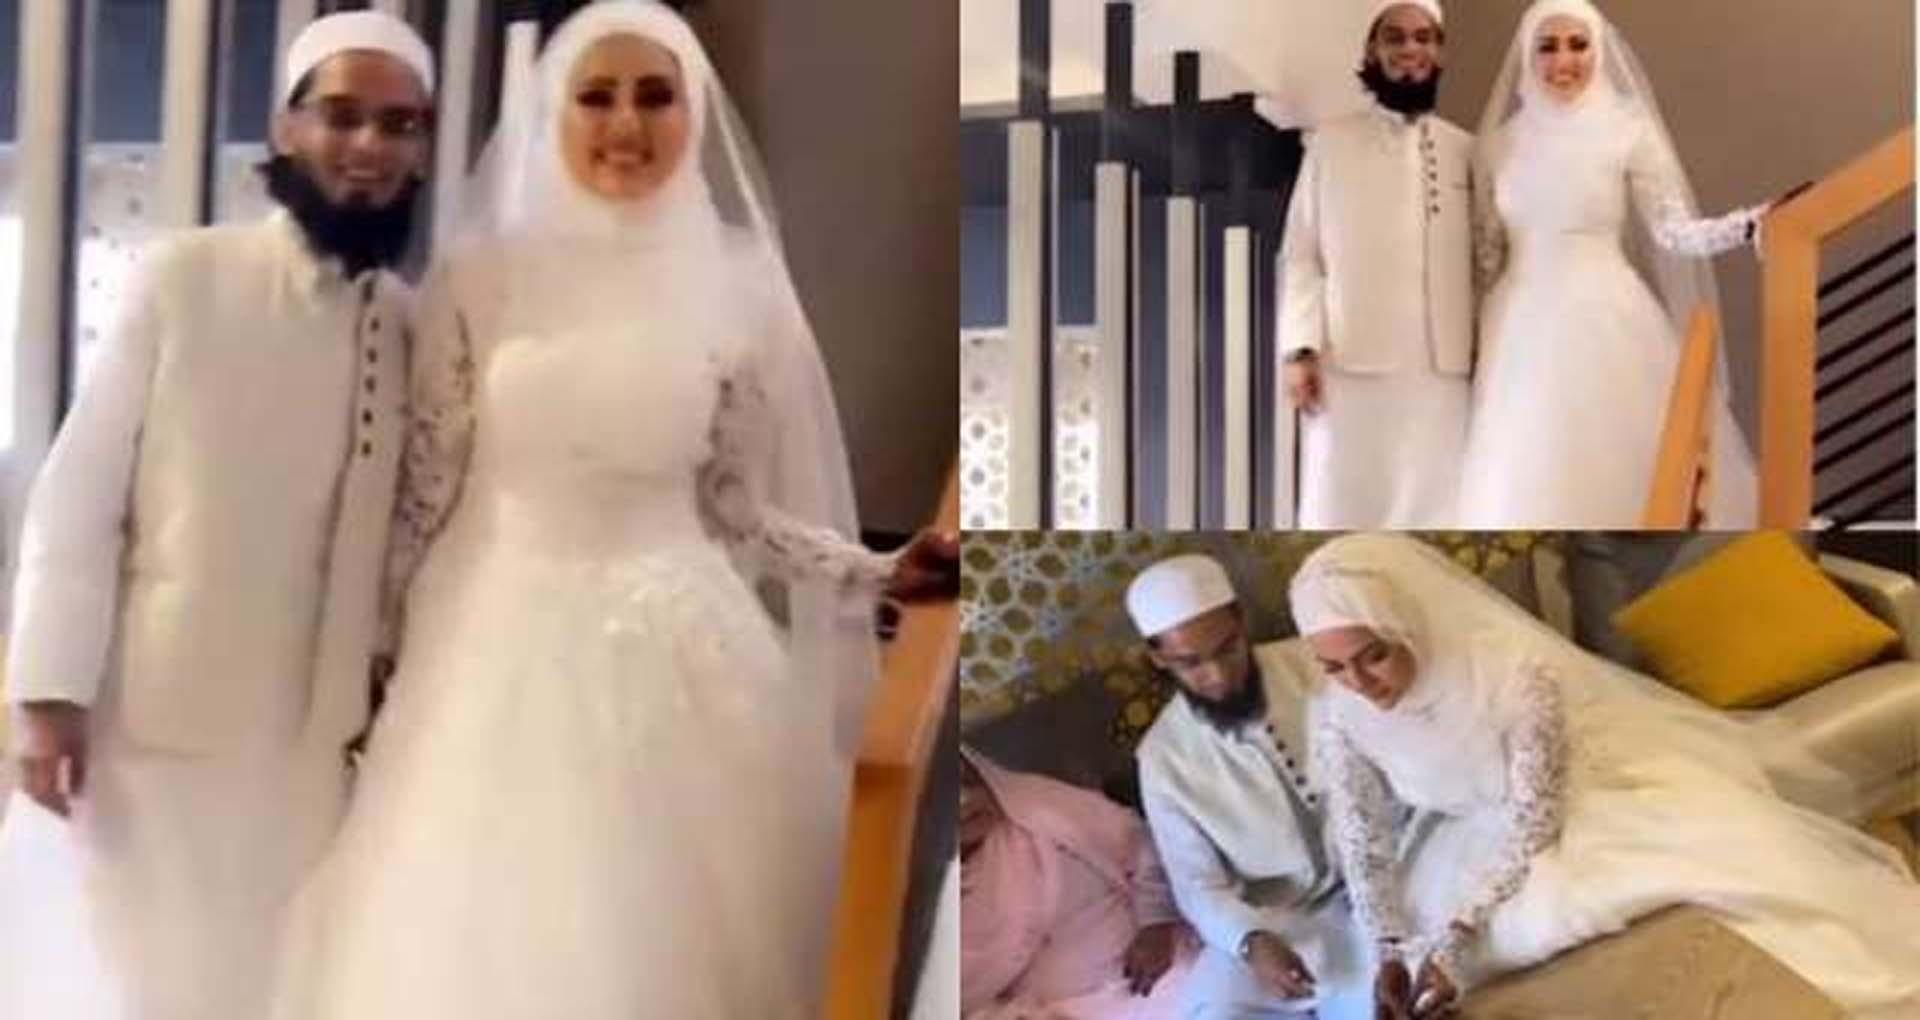 Sana Khan Marriage: सना खान ने इंडस्ट्री छोड़ने के बाद किया मौलाना मुफ्ती अनस के साथ निकाह